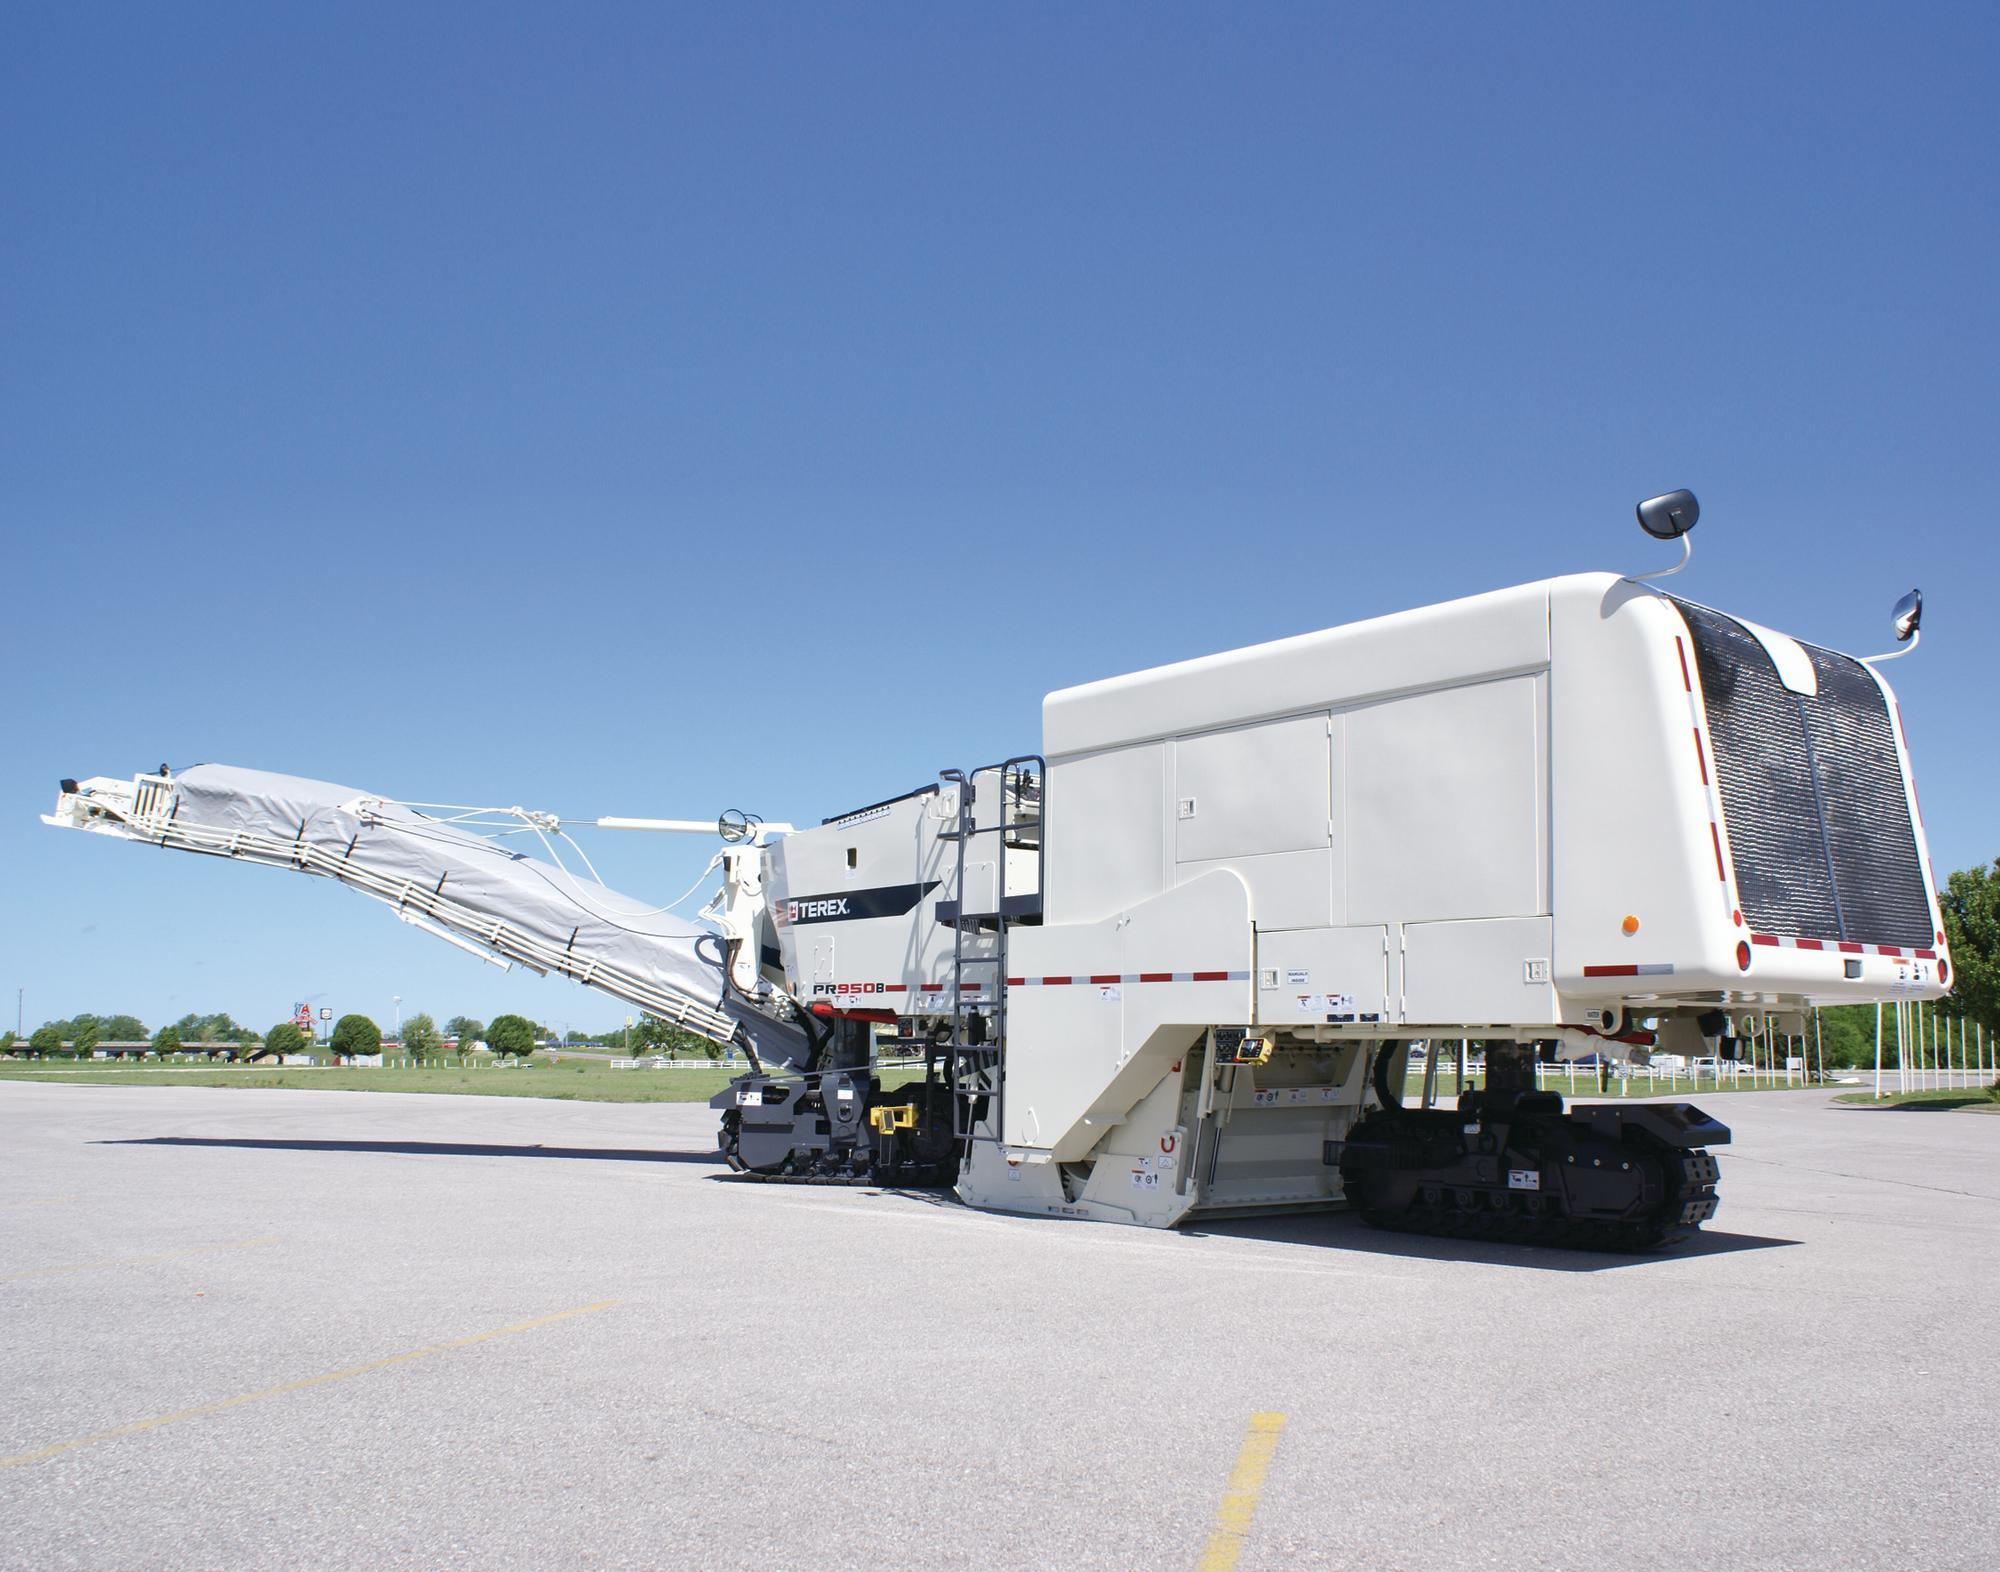 Terex Pr950b Milling Machine Concrete Construction